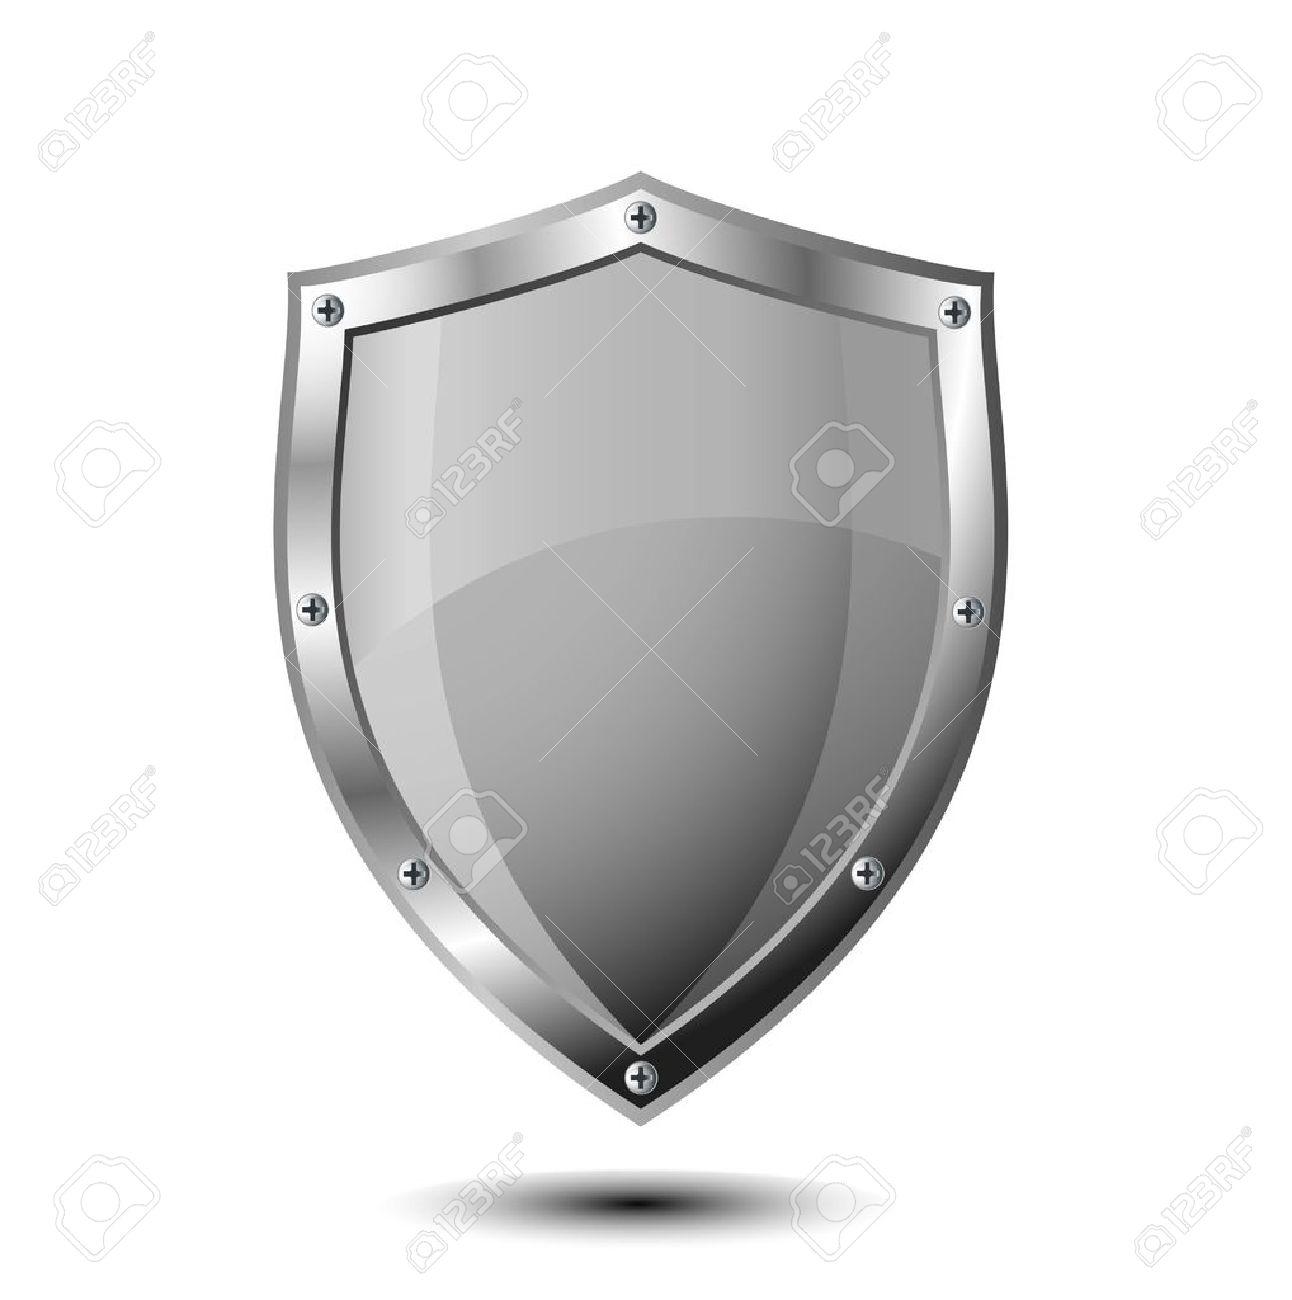 保護のための盾の図のイラスト素...